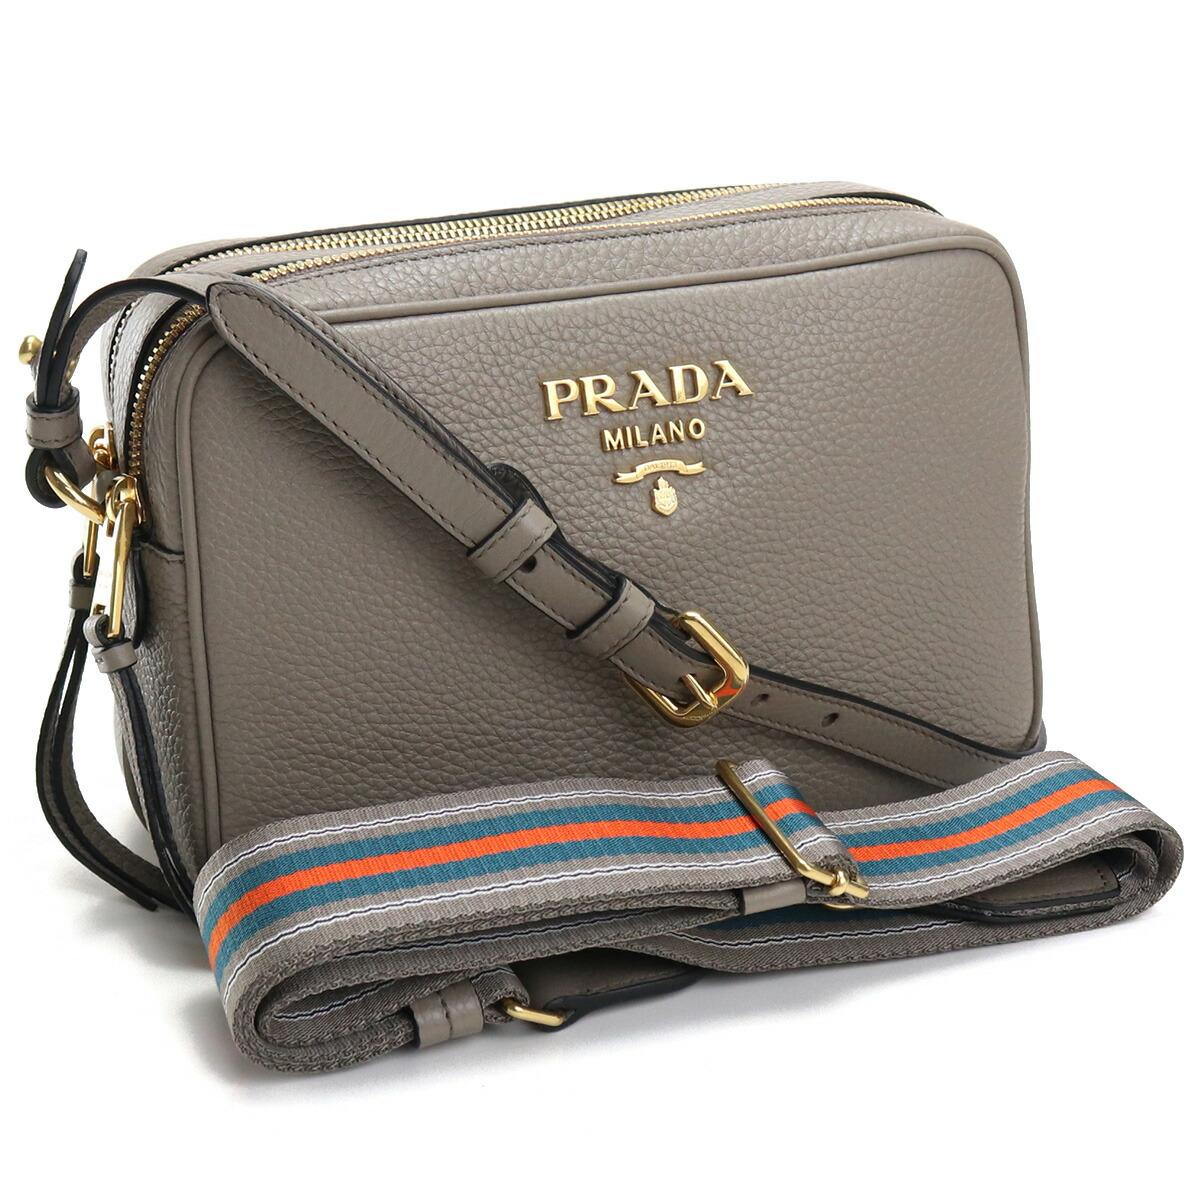 プラダ PRADA  斜め掛け ショルダーバッグ ブランドロゴ ブランドバッグ 1BH082 2BBE V NOM F0572 ARGILLA グレー系 bag-01